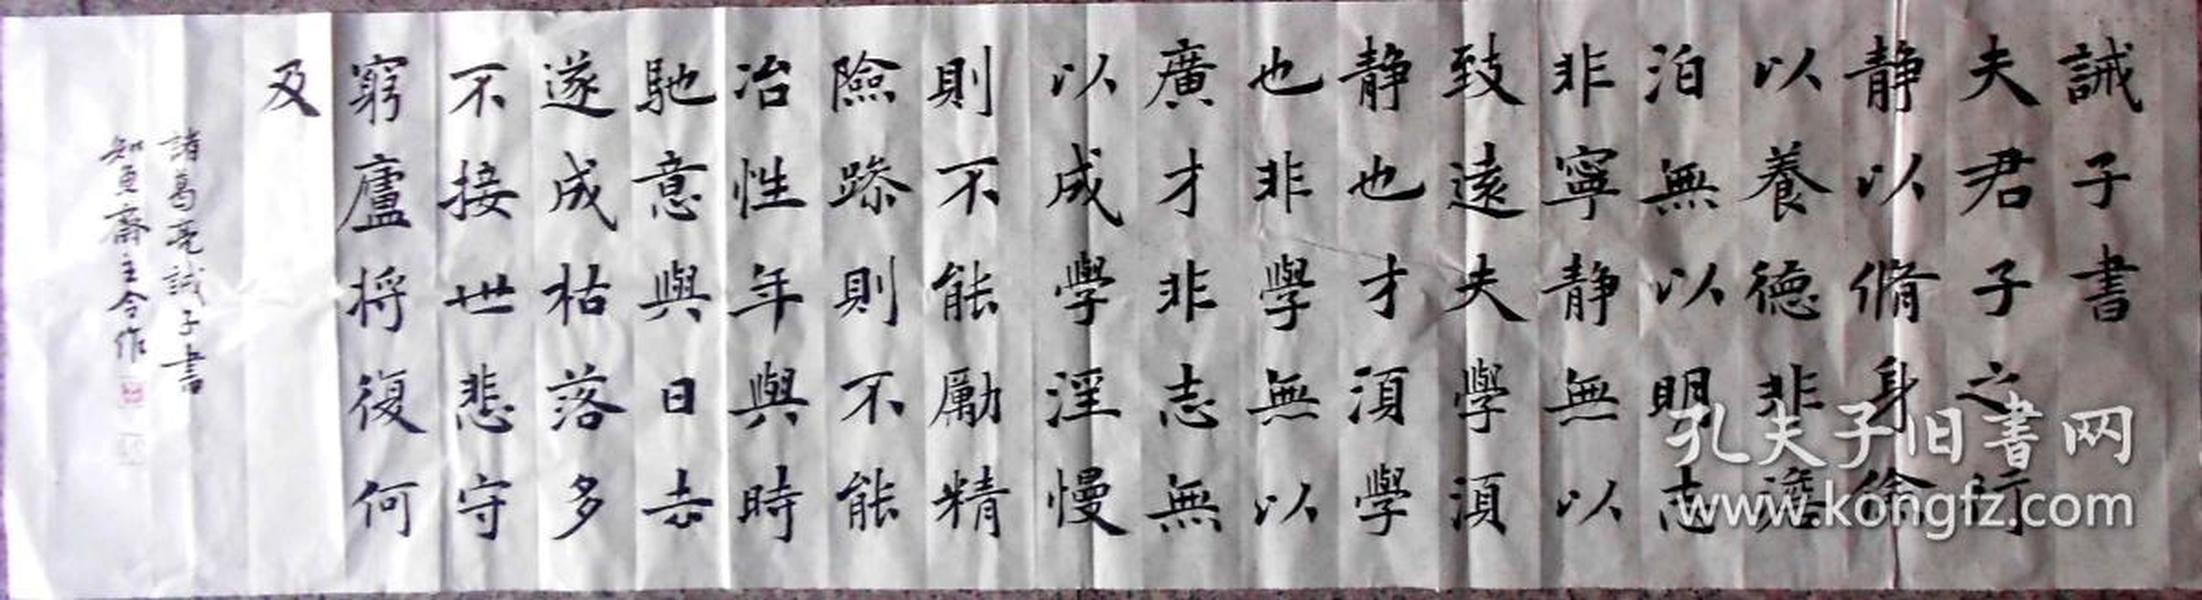 中书协会员、河北书协楷书委员孟令作四尺对开书法真迹 诸葛亮诫子书